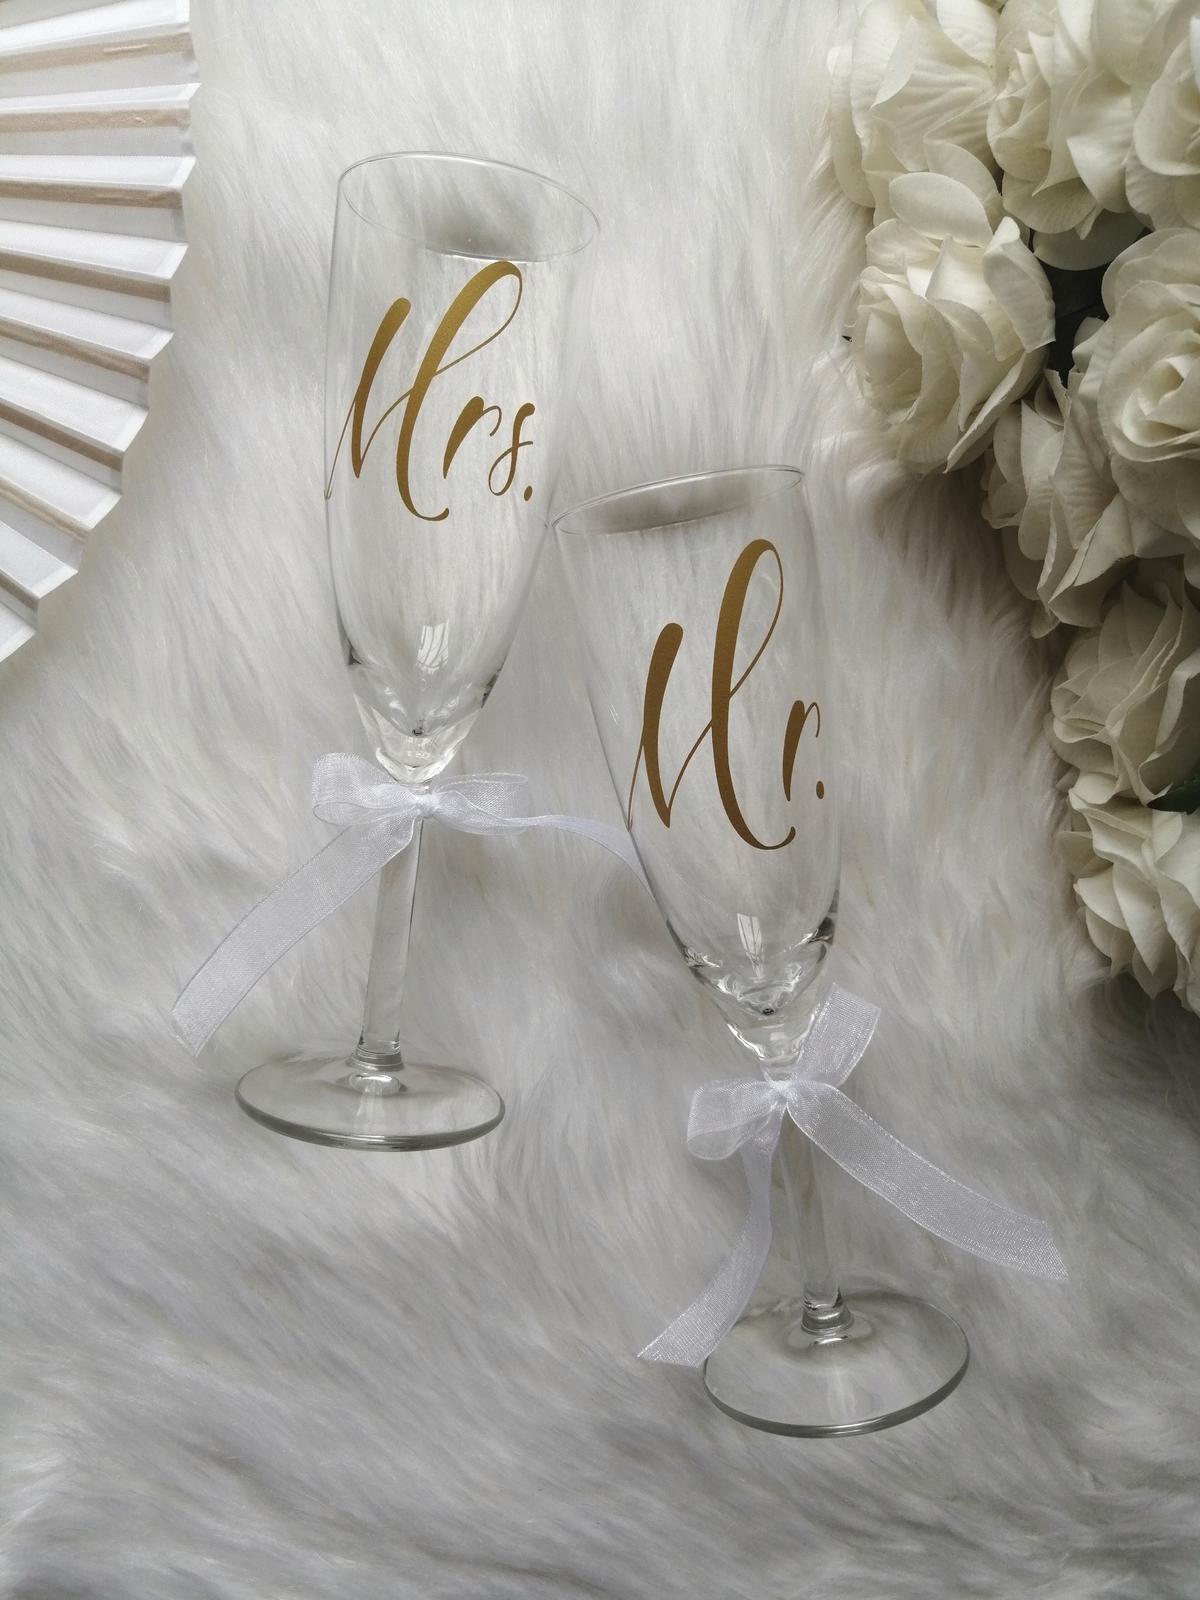 Svadobné poháre MR. a MRS. - Obrázok č. 2